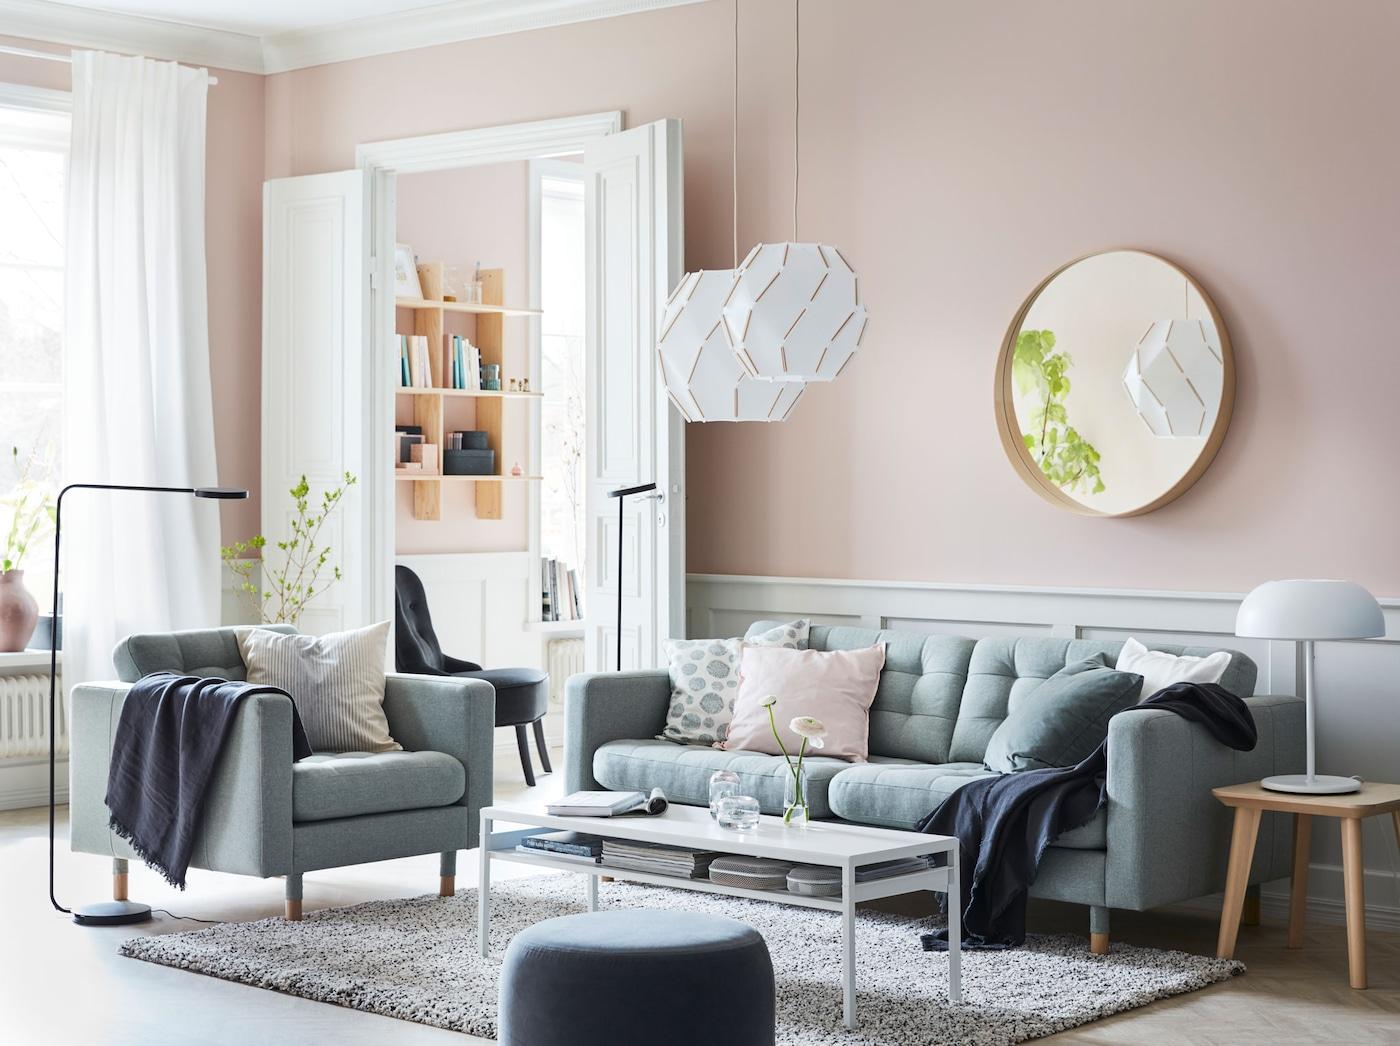 Haga que su sala de estar sea más tranquila con el sofá y los muebles modulares de color verde claro LANDSKRONA, las lámparas colgantes SJÖPENNA y la iluminación funcional YPPERLIG.